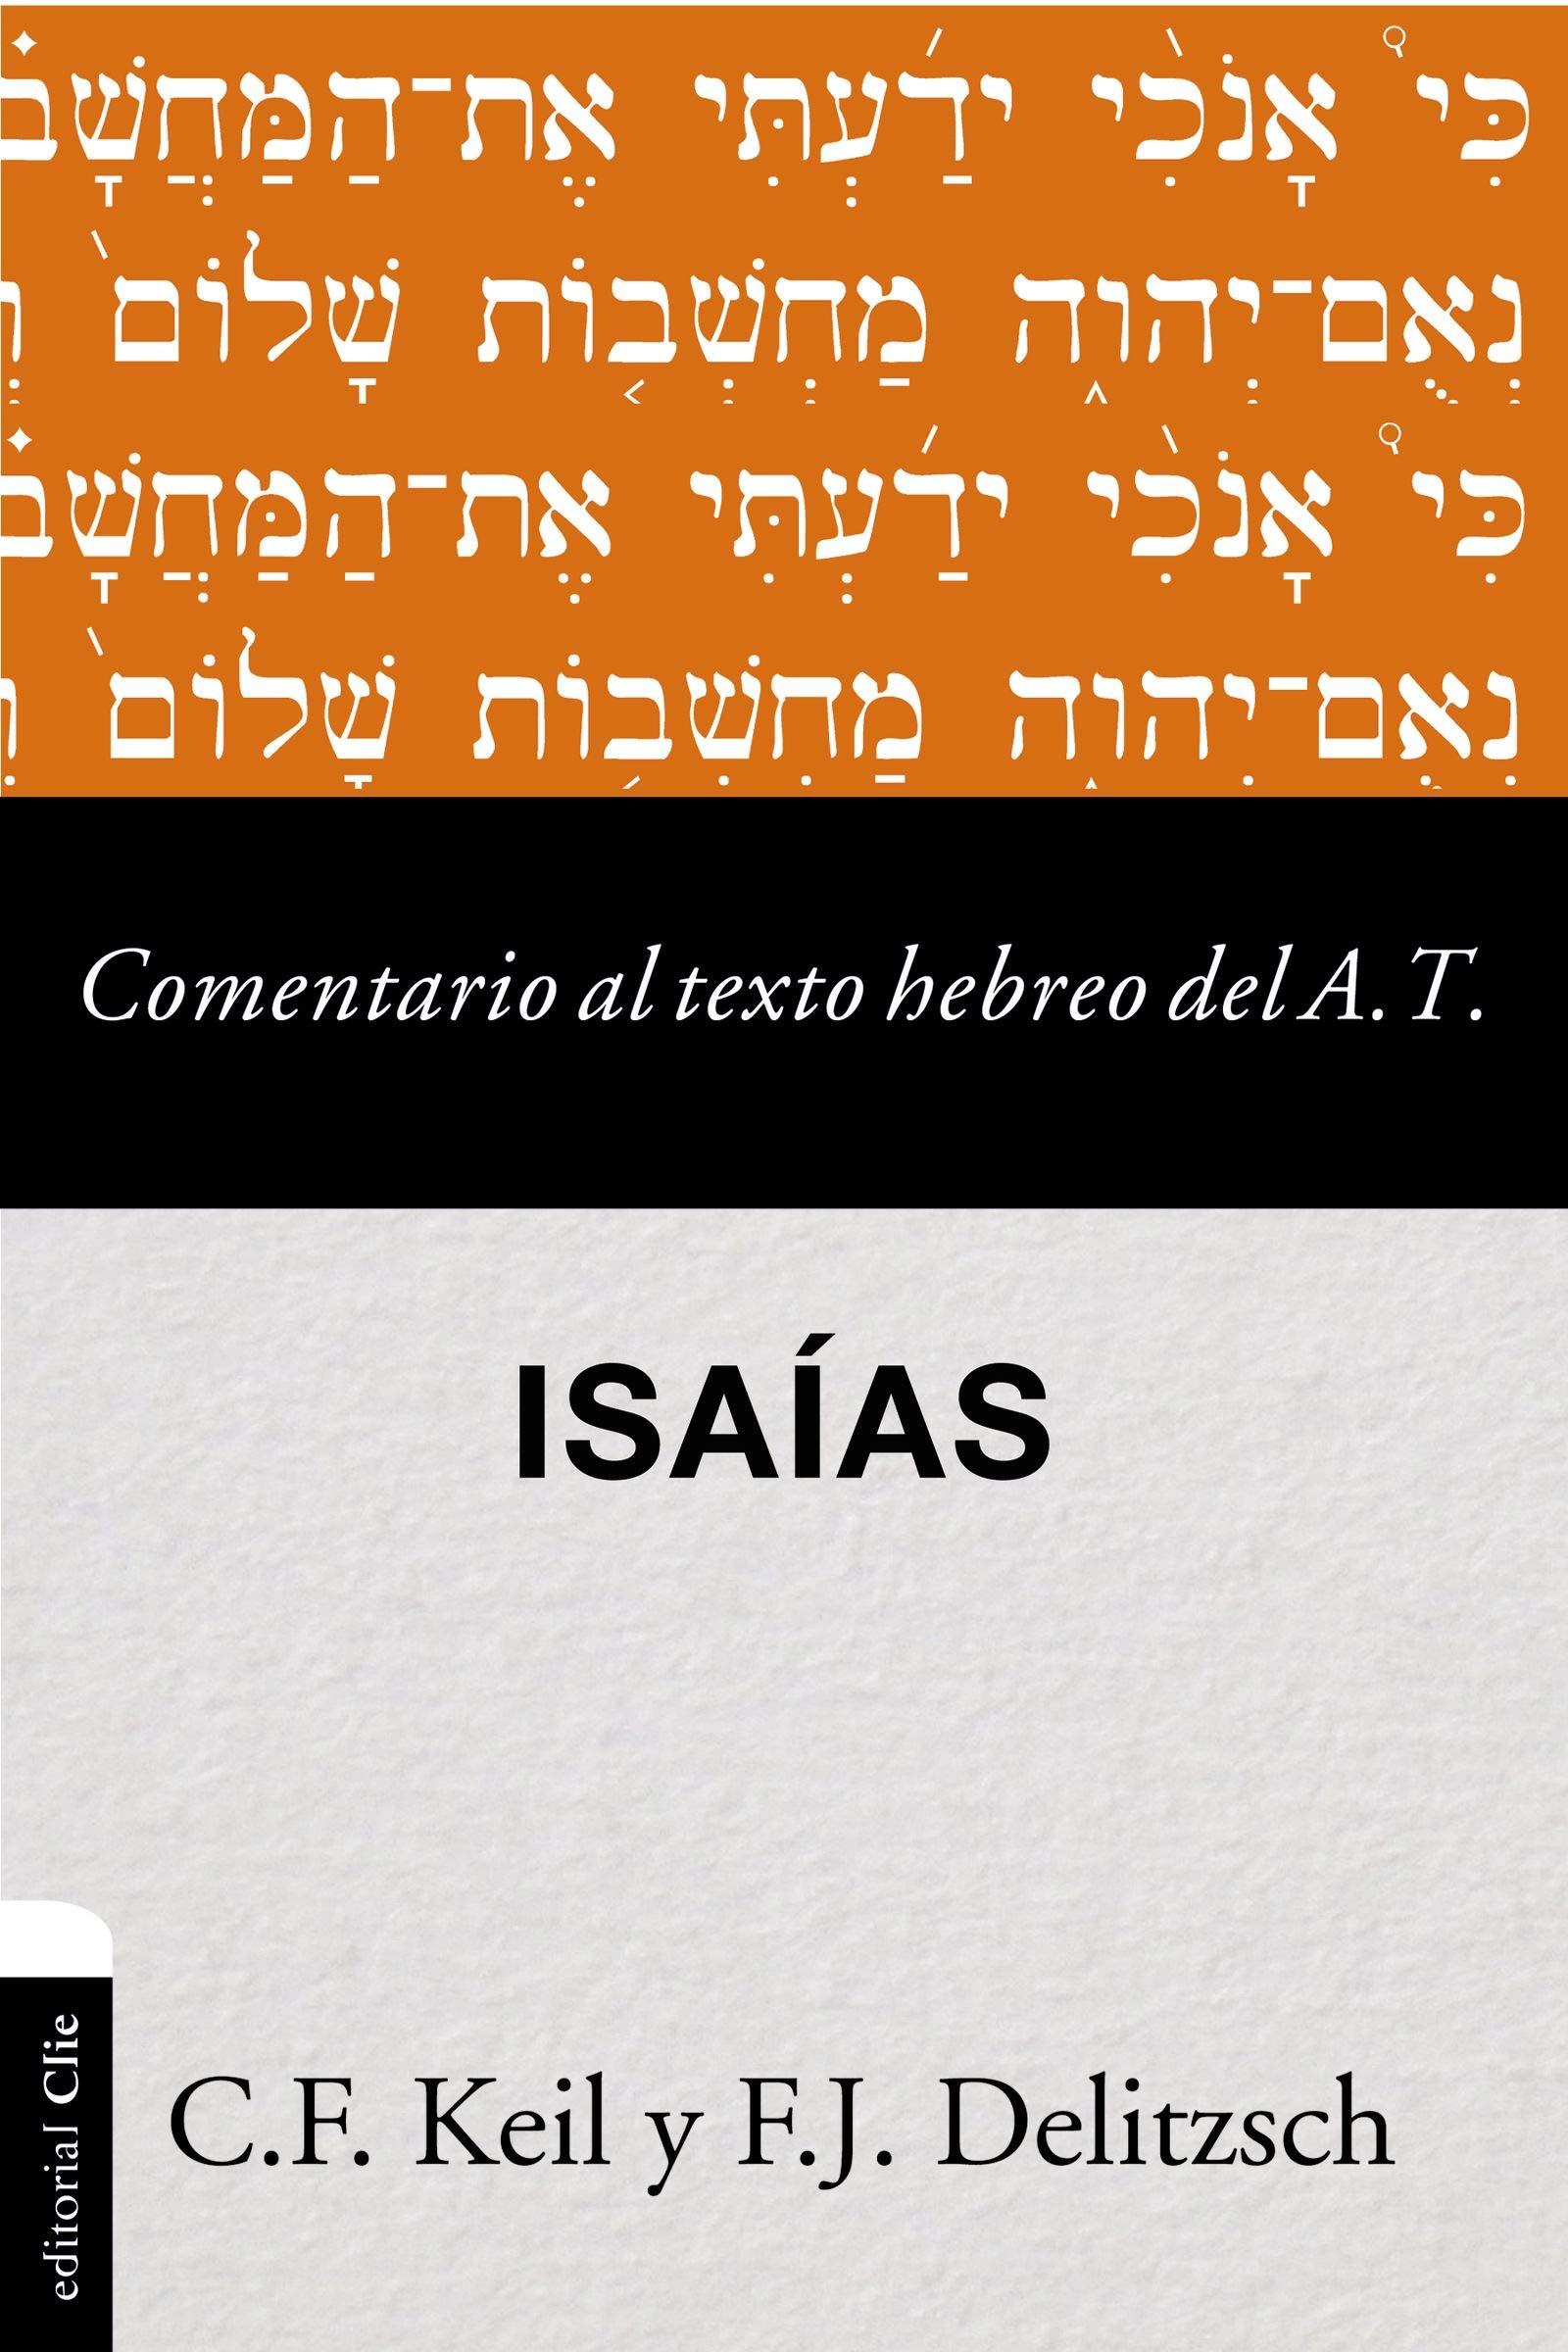 Comentario al texto hebreo del Antiguo Testamento - Isaías: Amazon.es:  Franz Julius Delitzsch: Libros